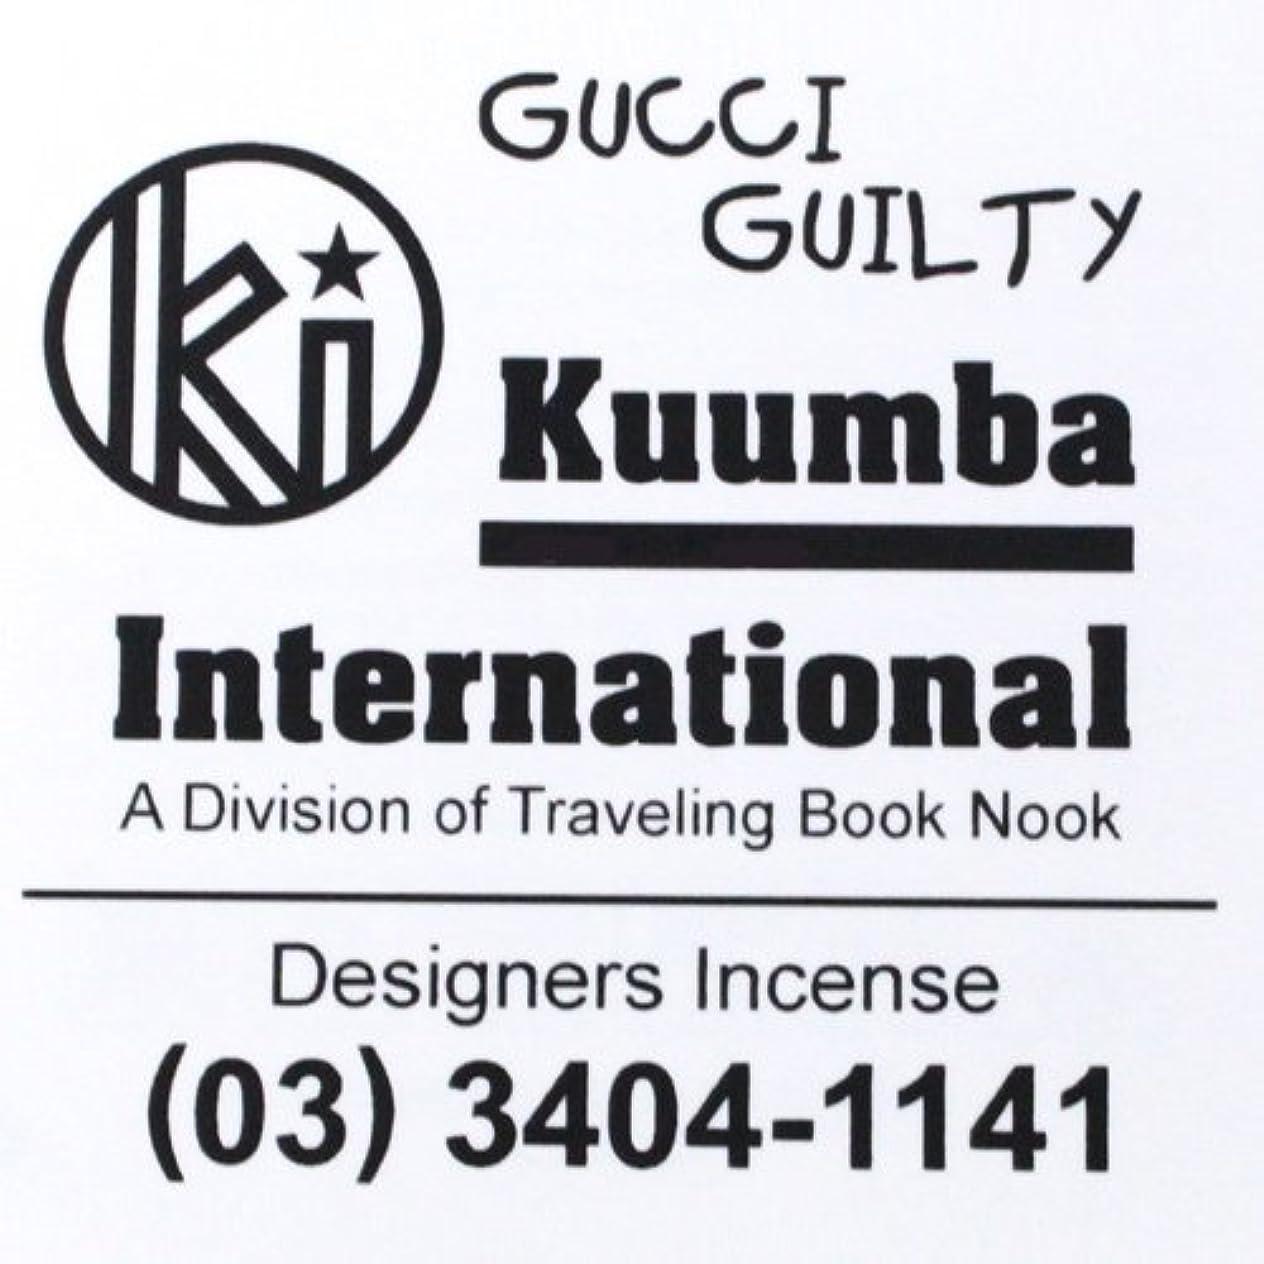 未亡人コンテンツかき混ぜるKUUMBA (クンバ)『incense』(GUCCI GUILTY) (Regular size)